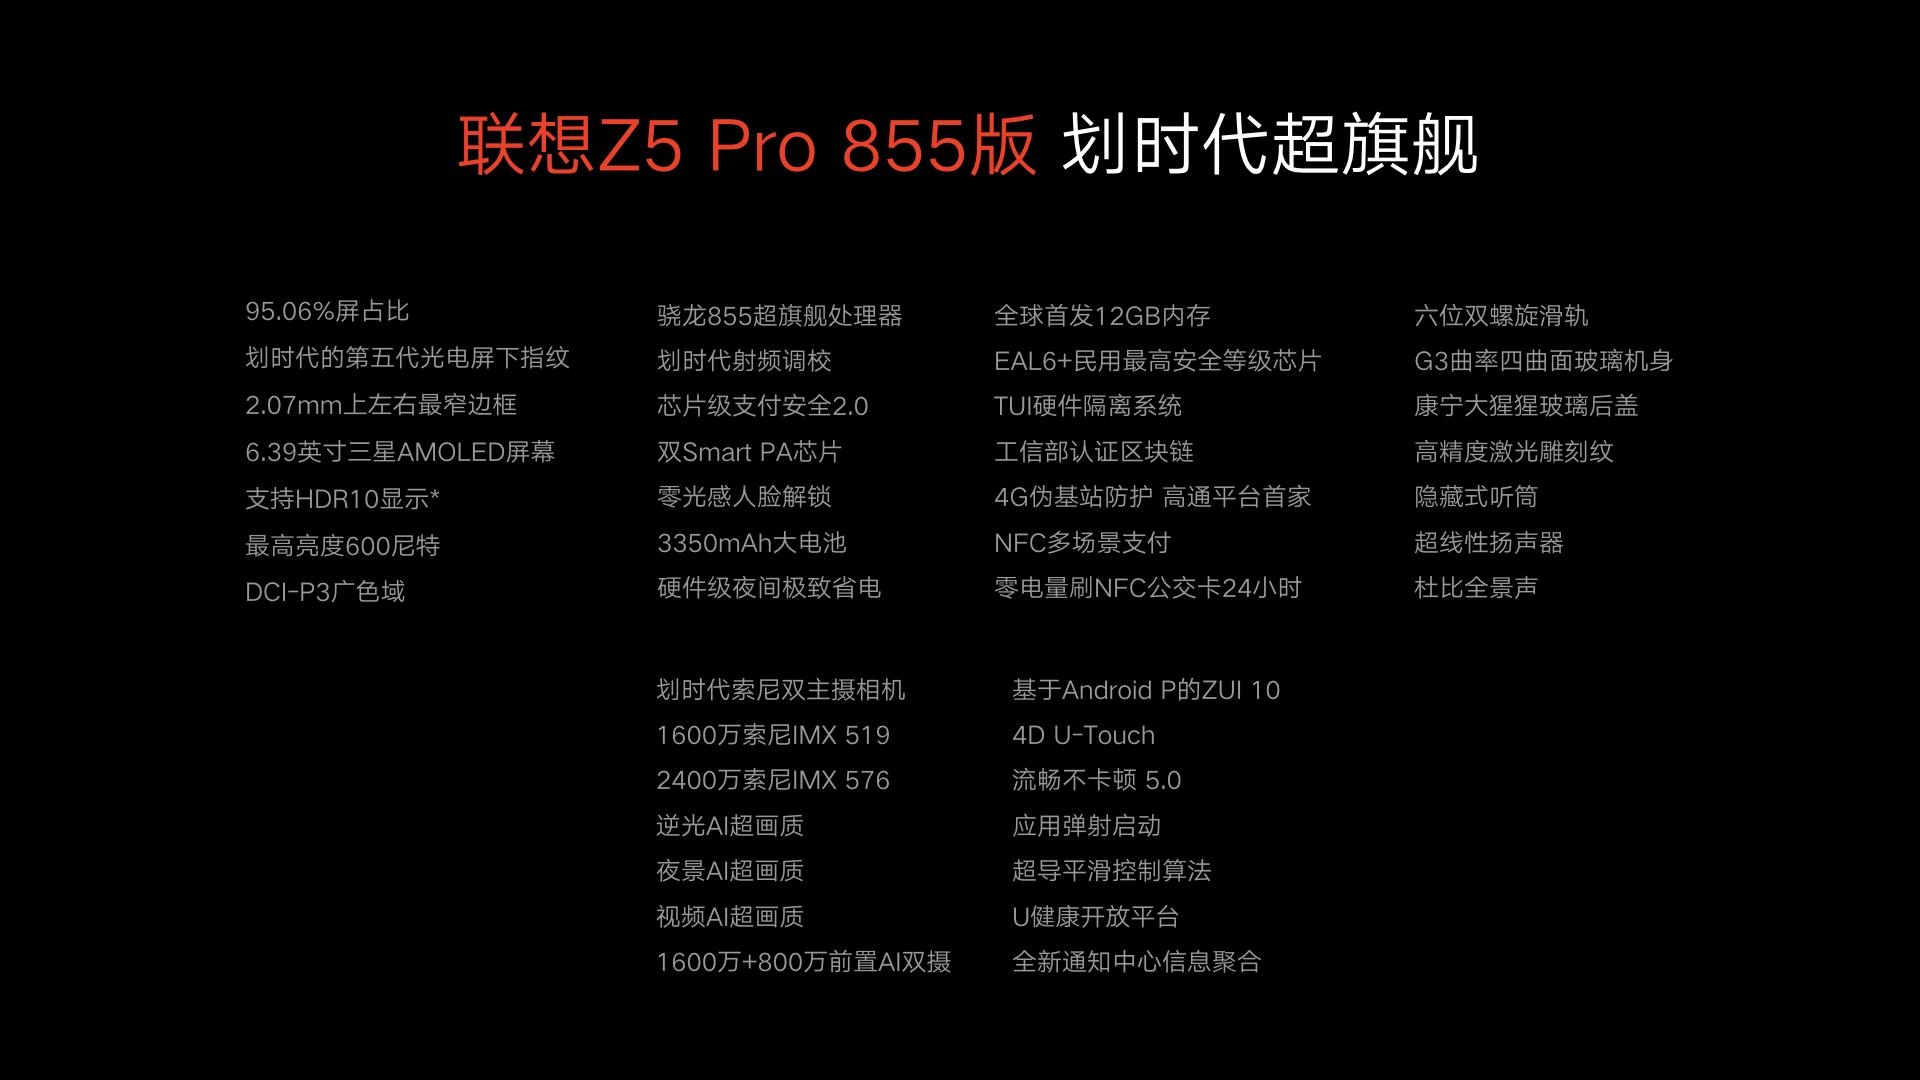 联想发布四款新机:朱一龙版颜值杀 骁龙855的照片 - 13